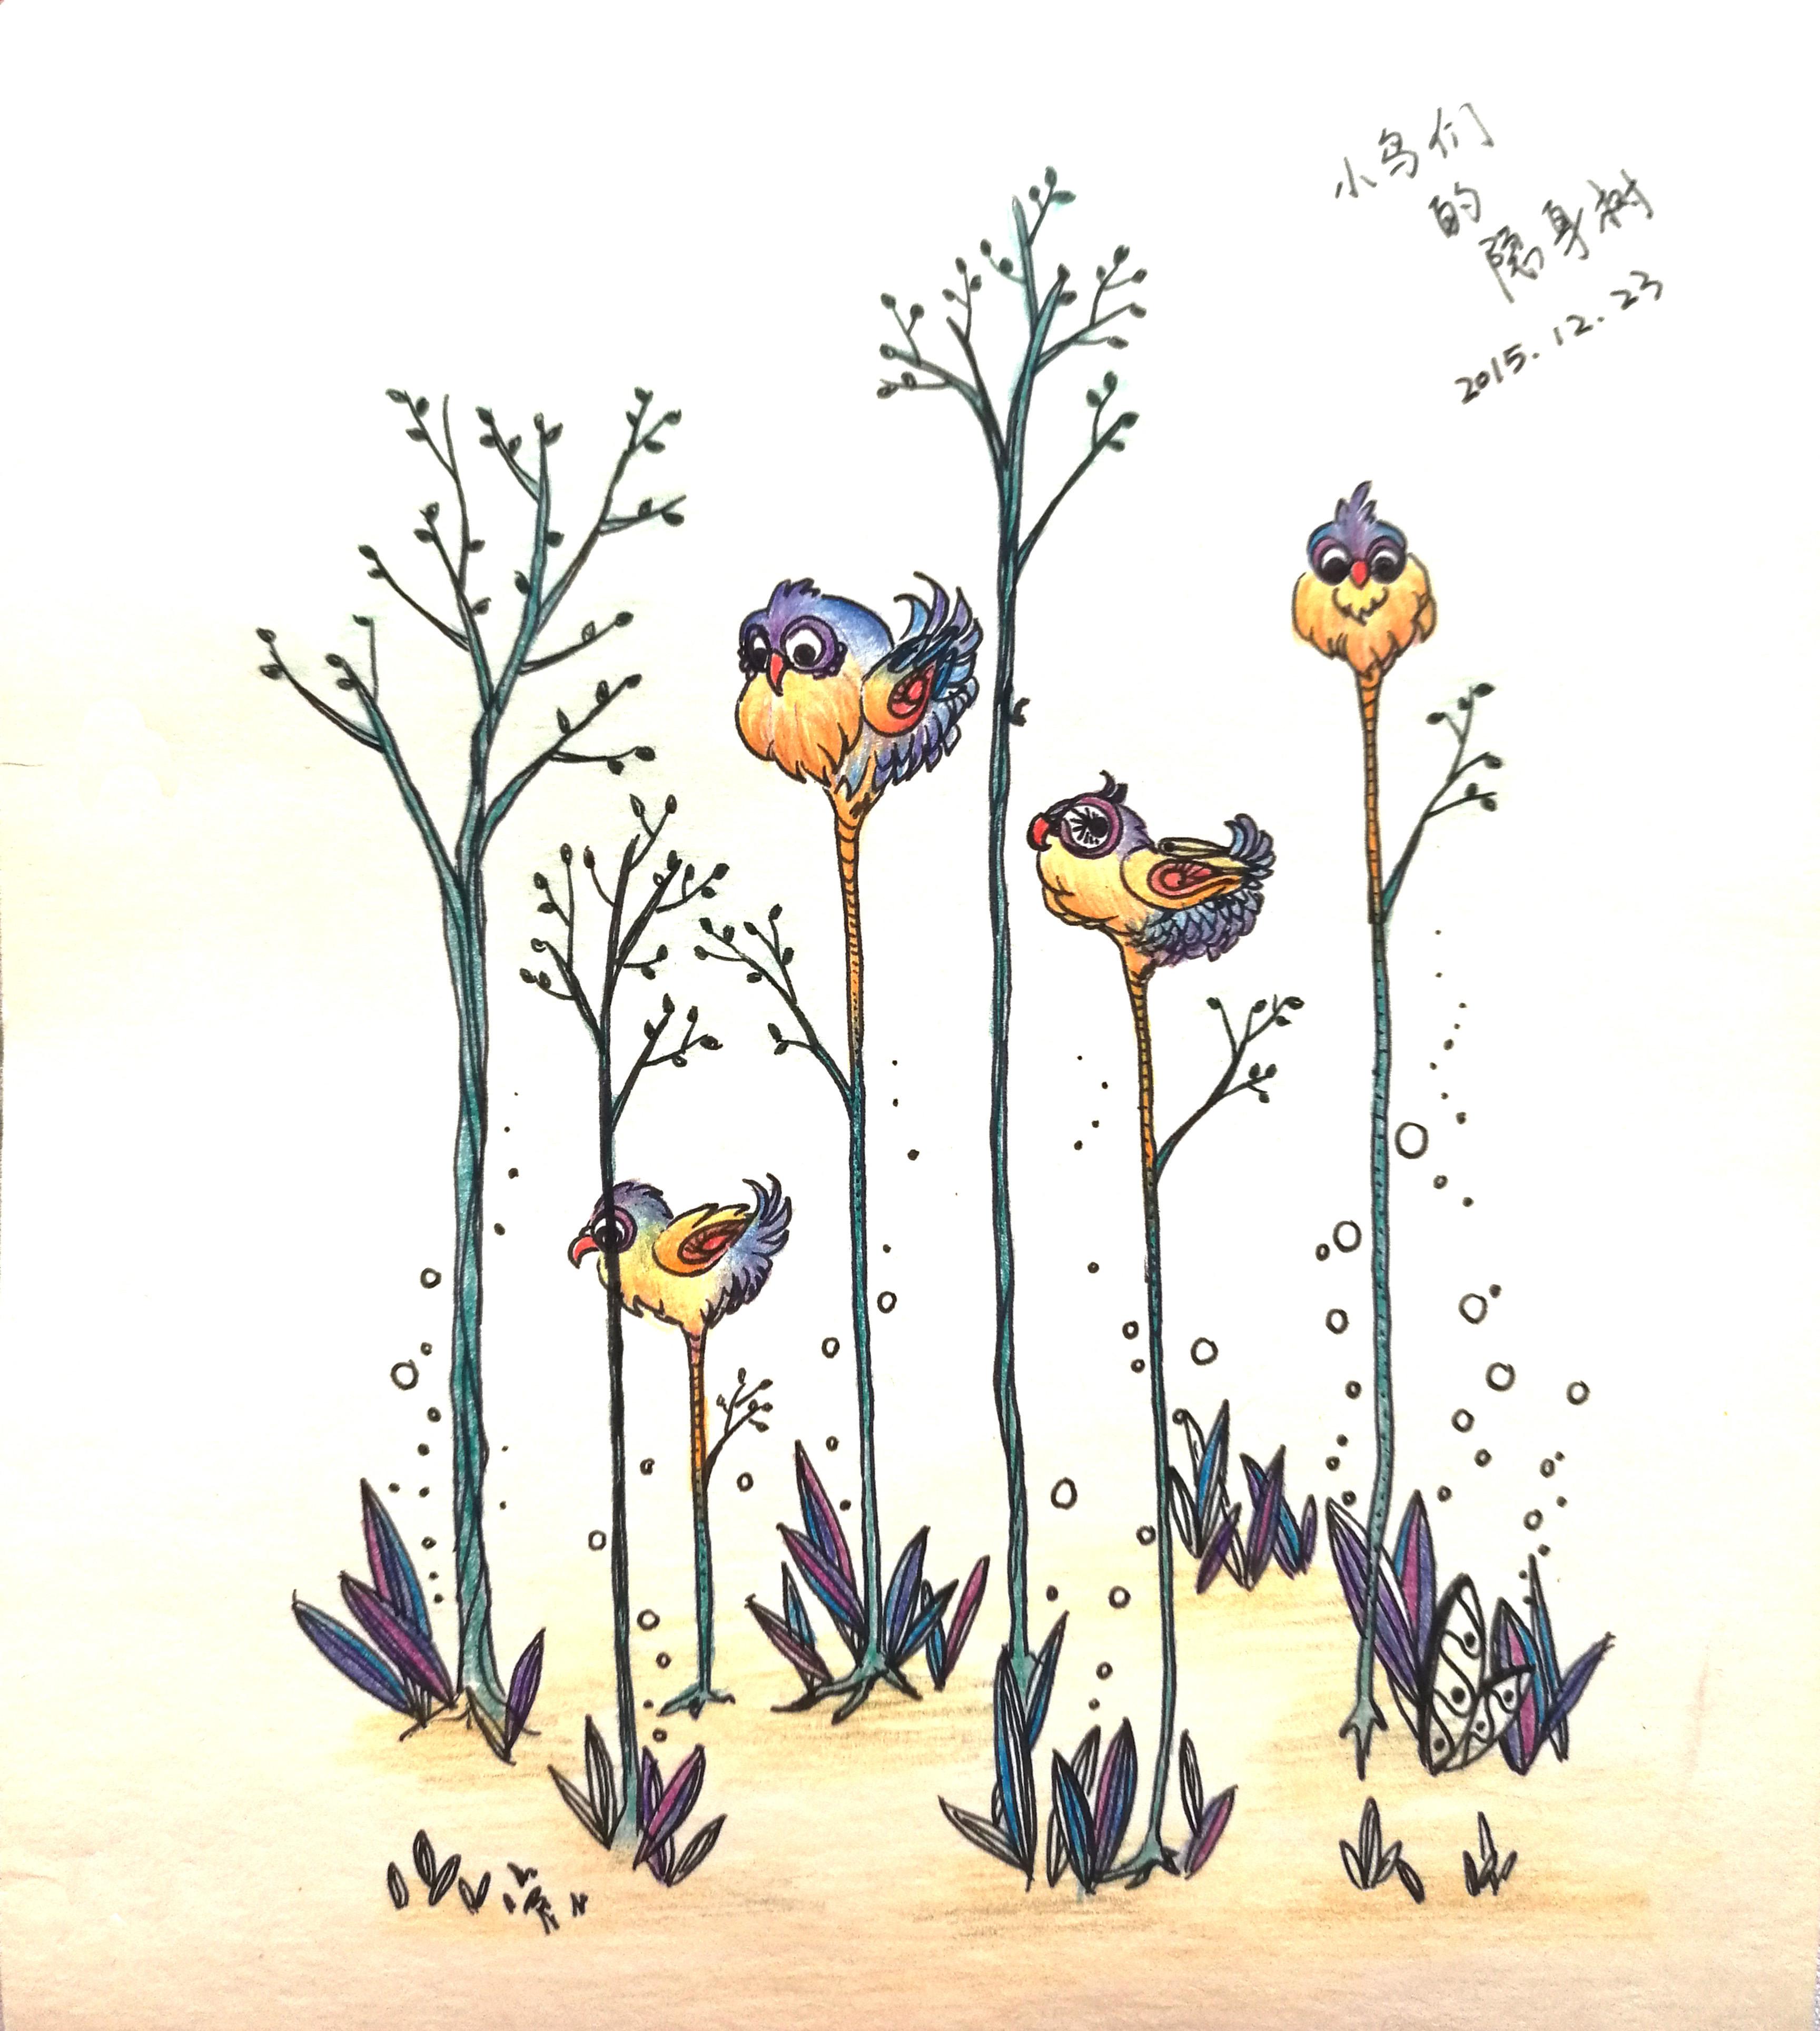 画歪脖树童话世界-画歪脖树